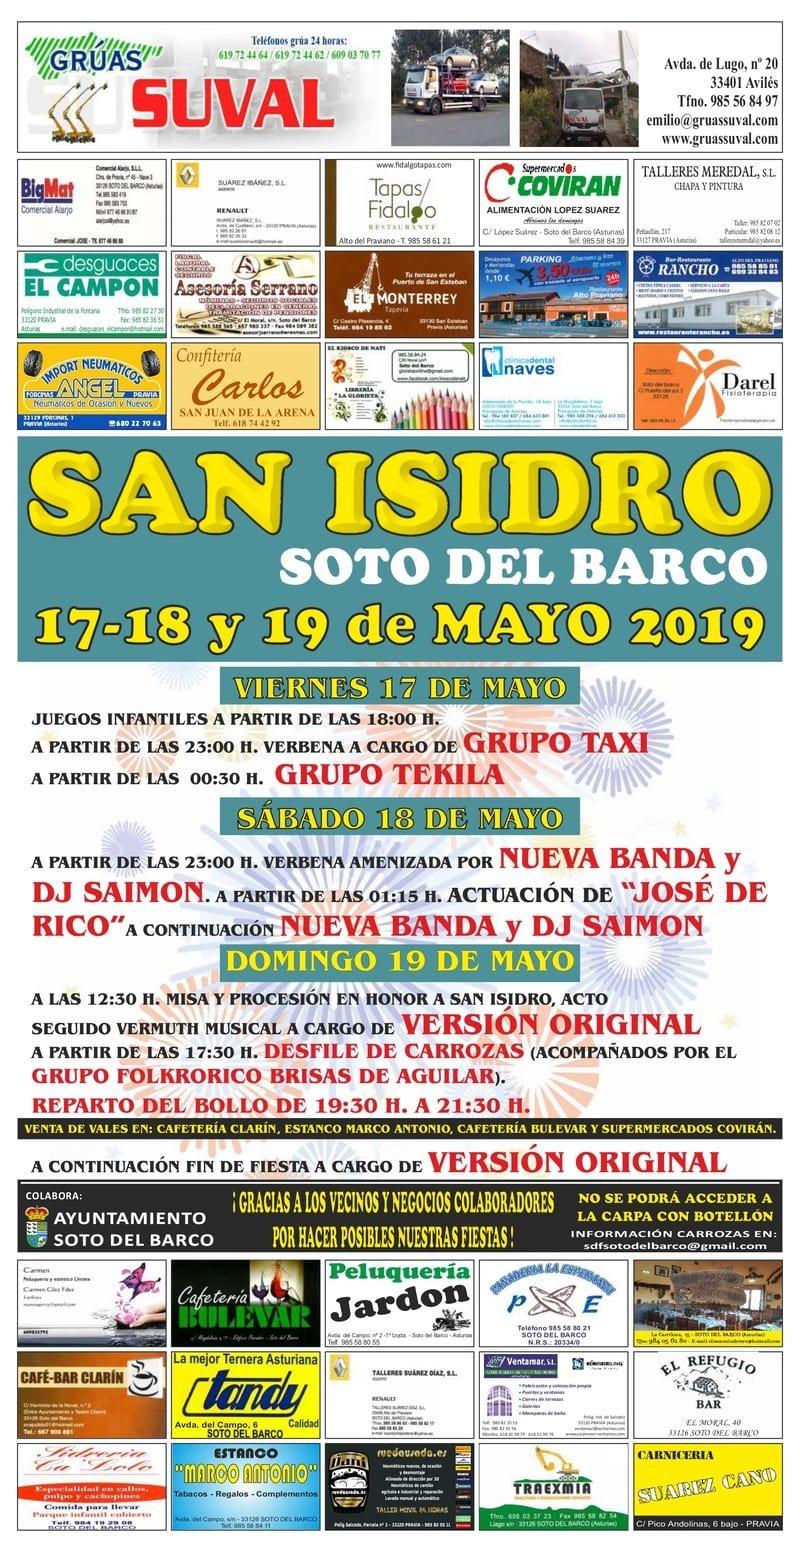 CARTEL SAN ISIDRO 2019 - SOTO DEL BARCO